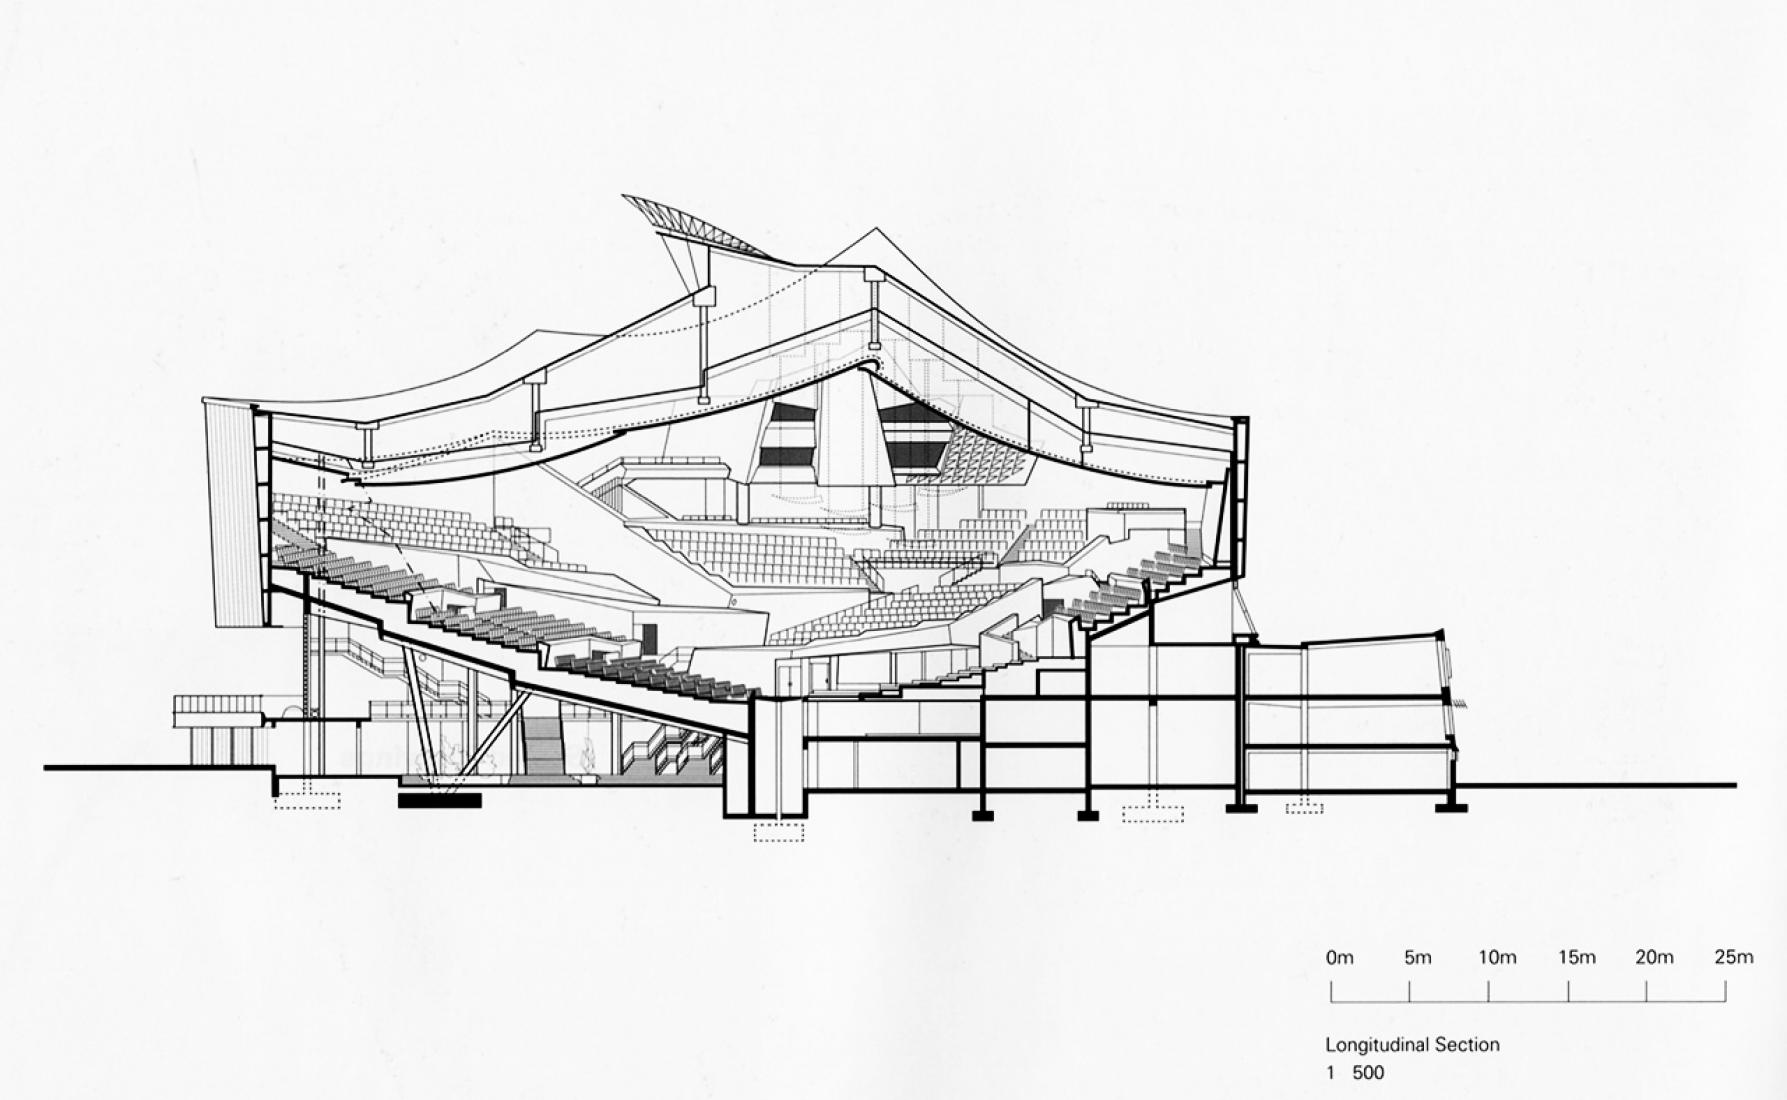 estudio13_filarmonica_berlin_hans_scharoun_10